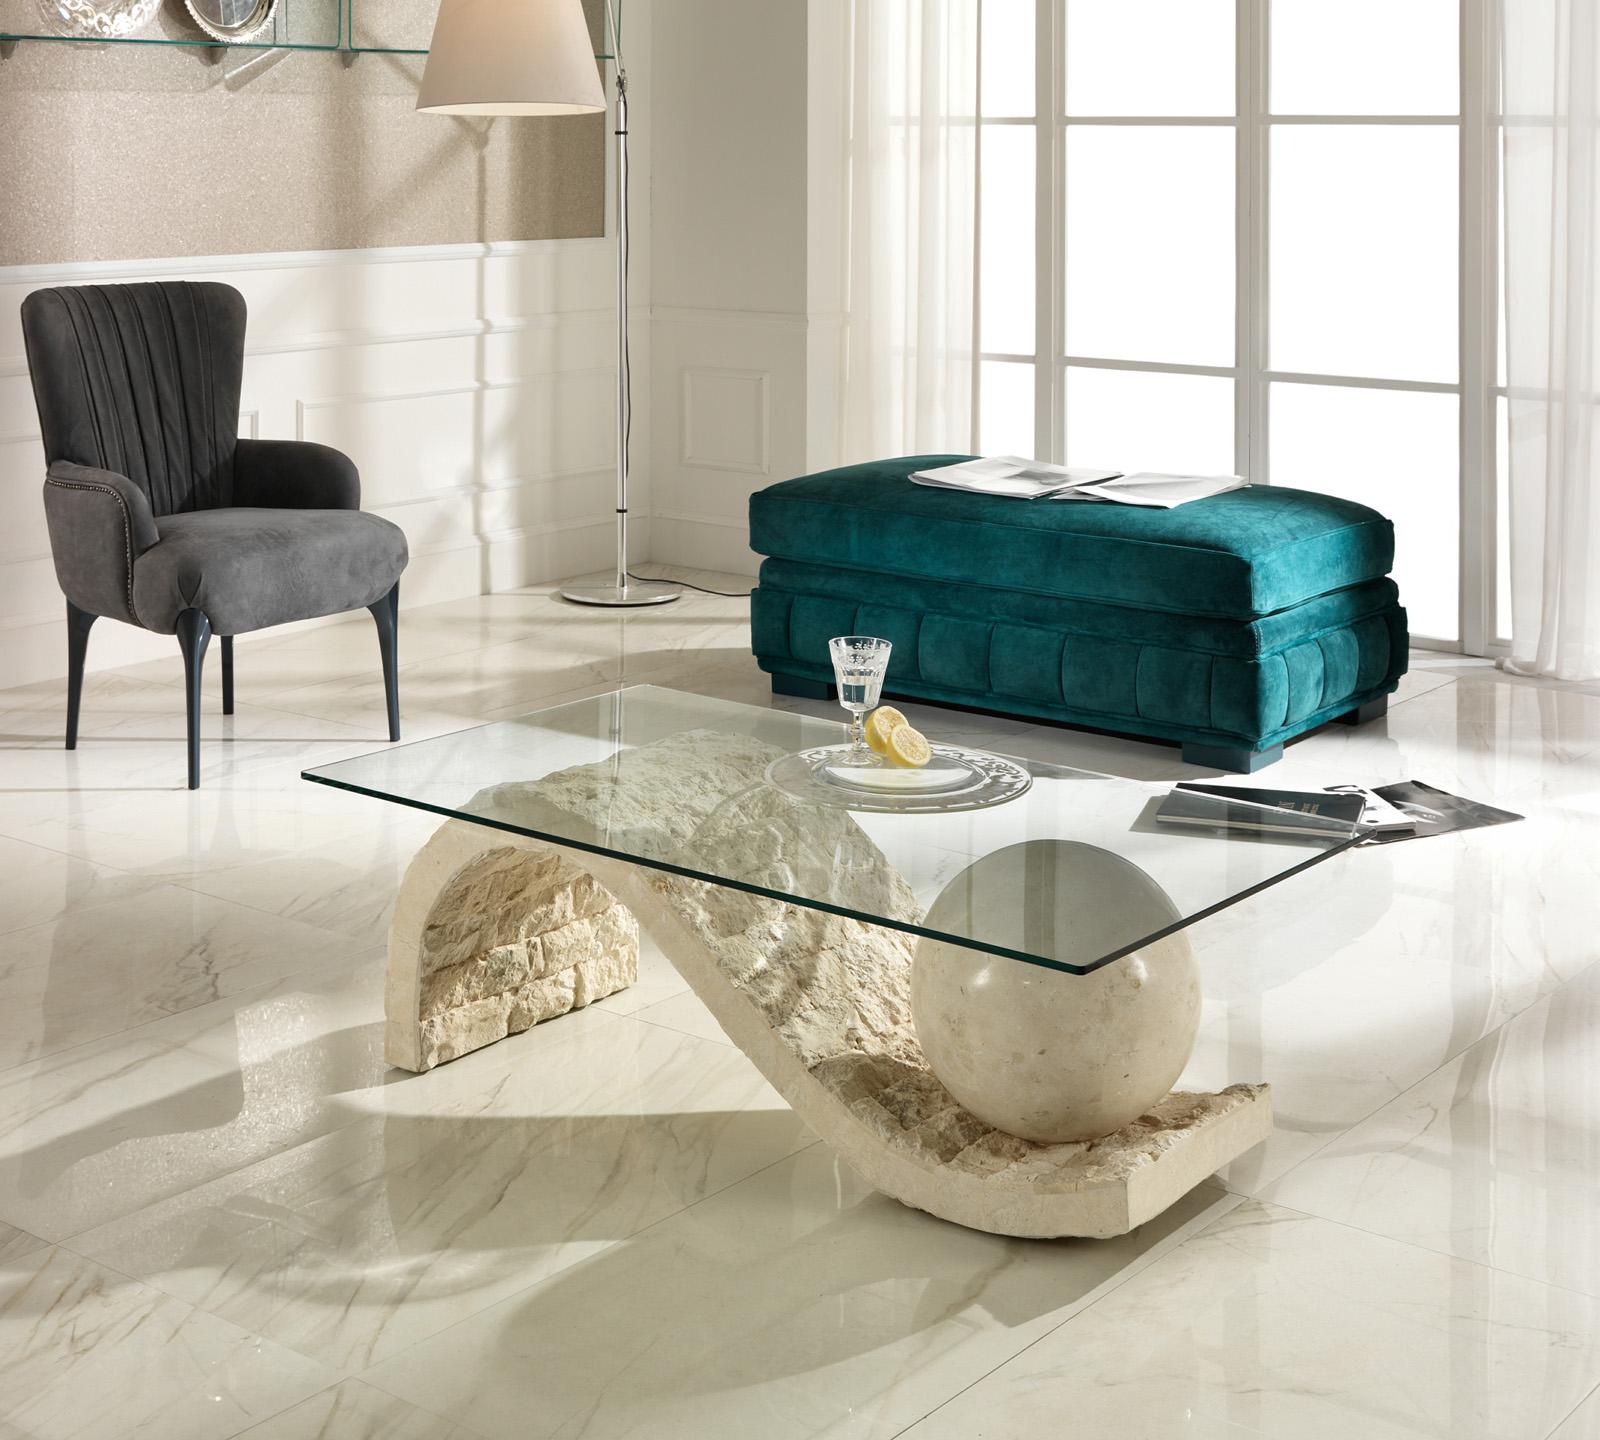 Tavolino Vetro Mondo Convenienza - Idee per la progettazione ...